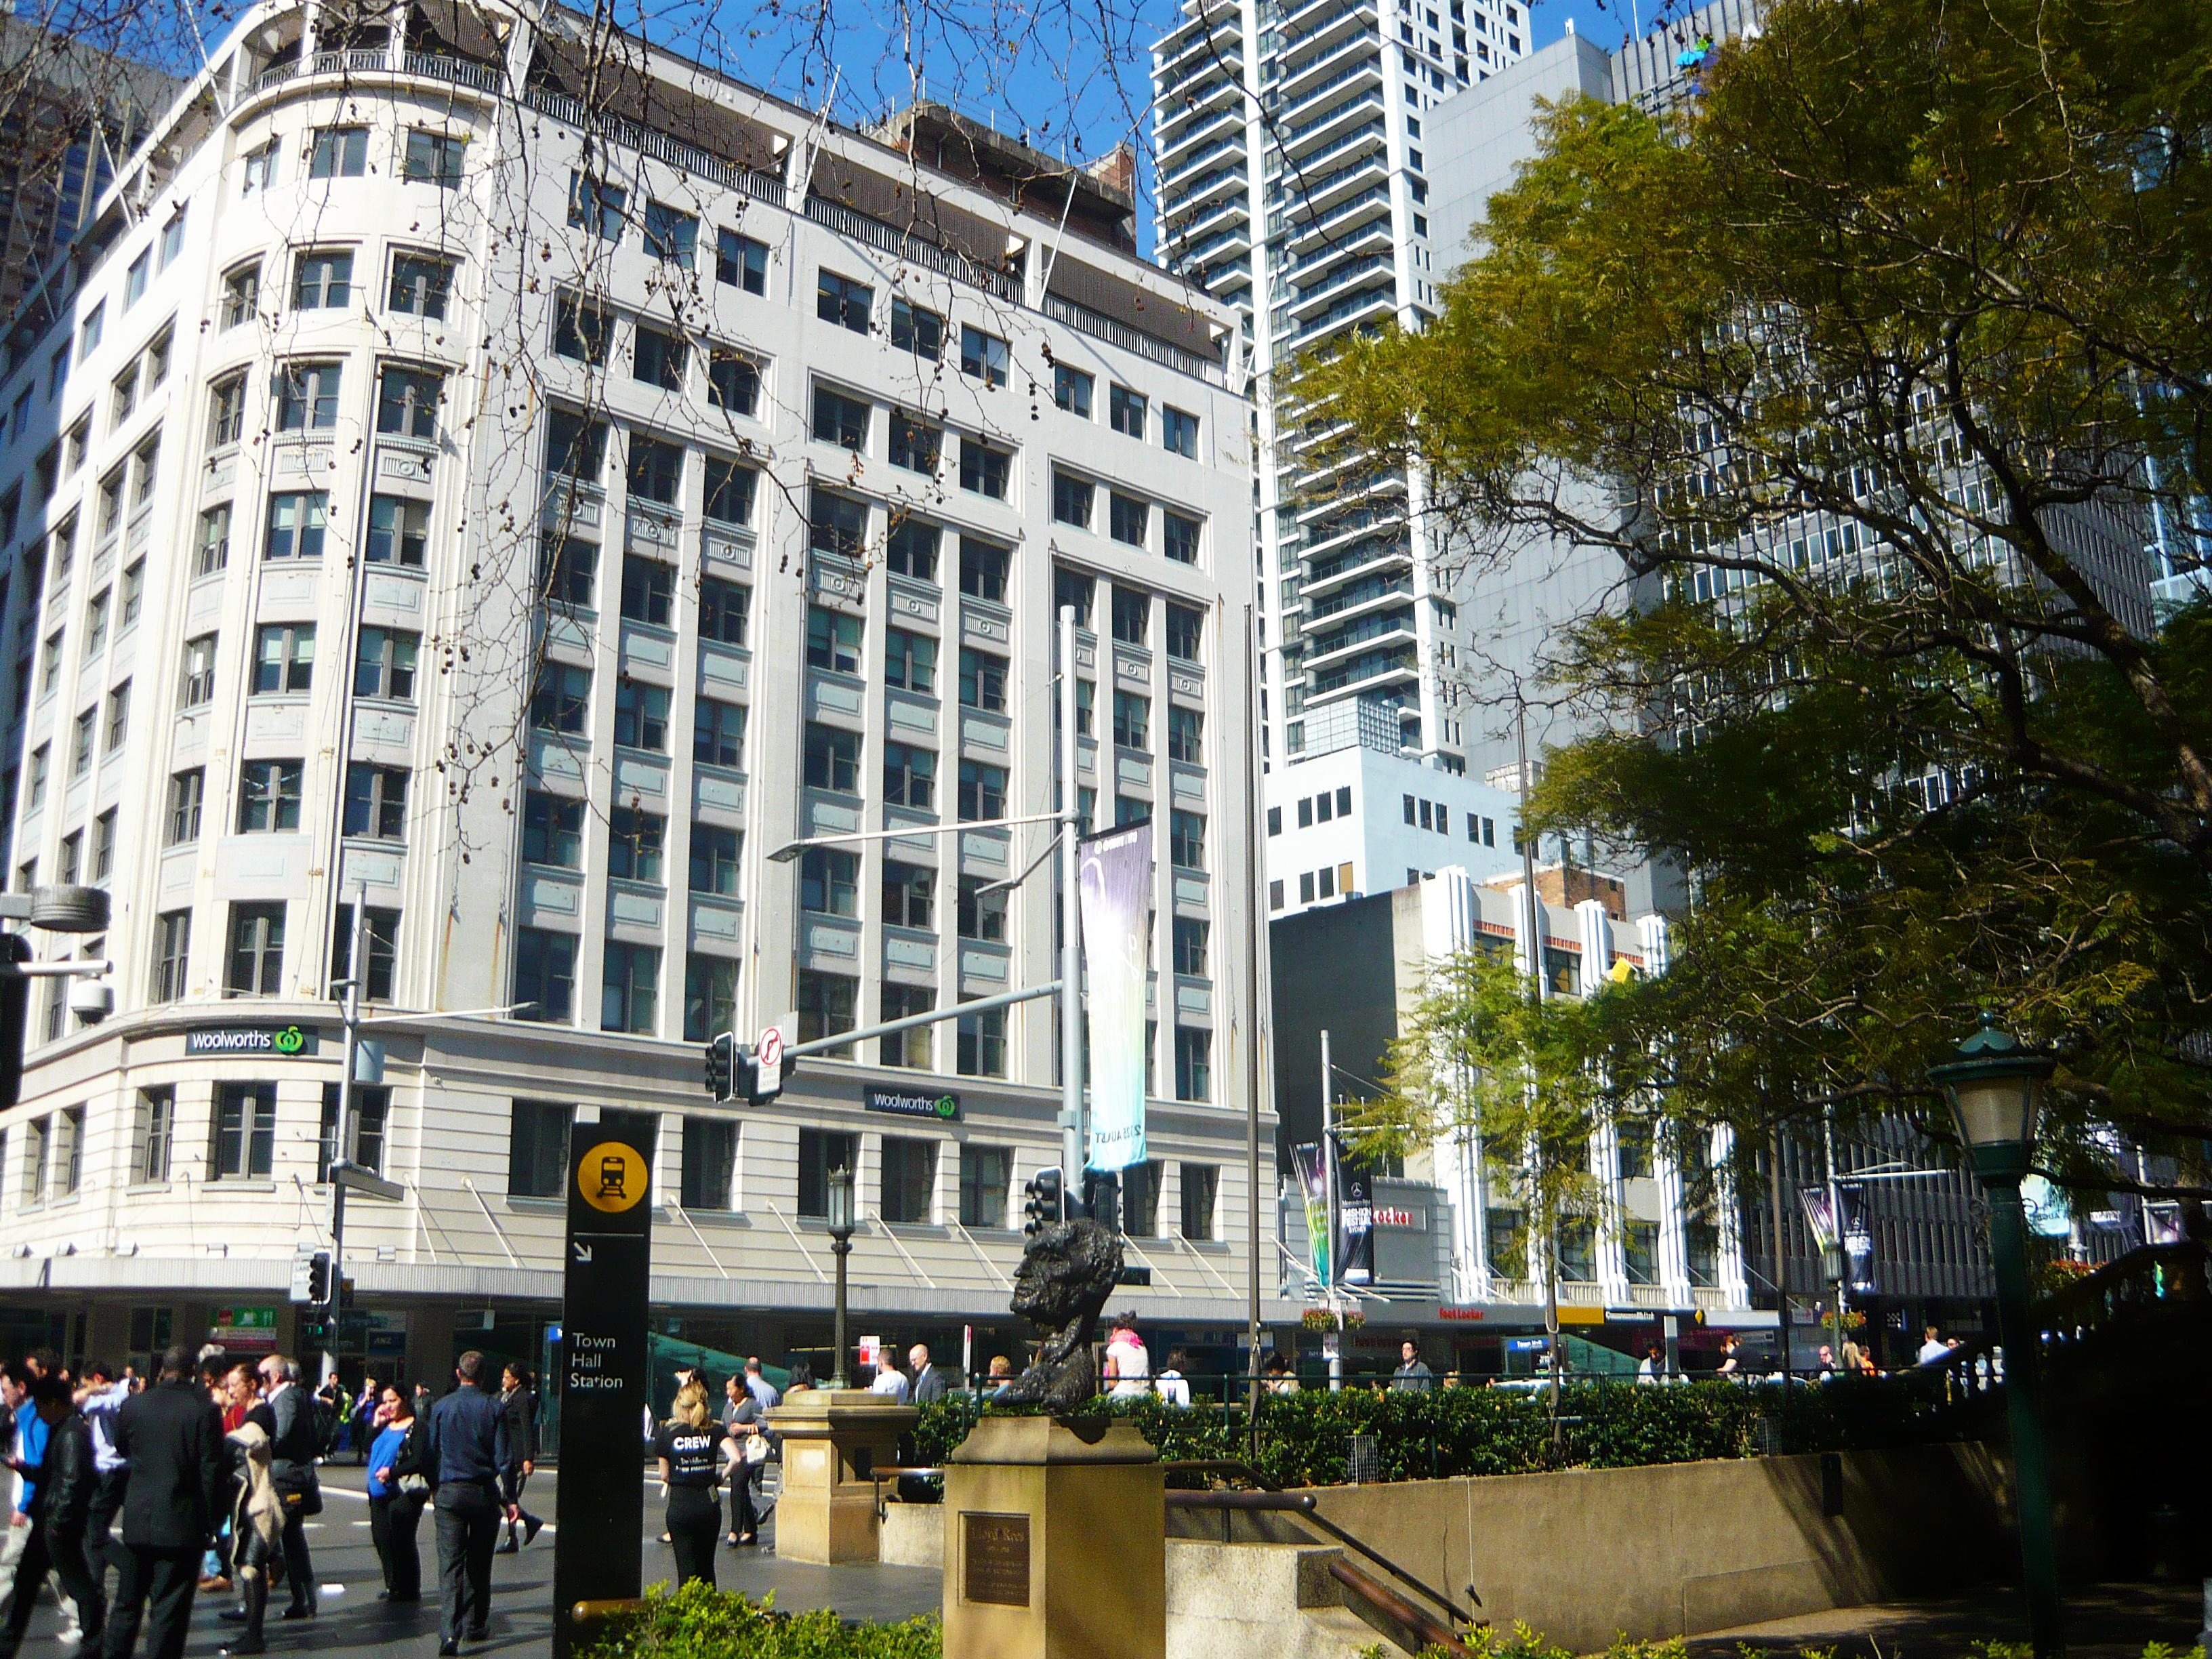 ilsc-sydney-campus-building